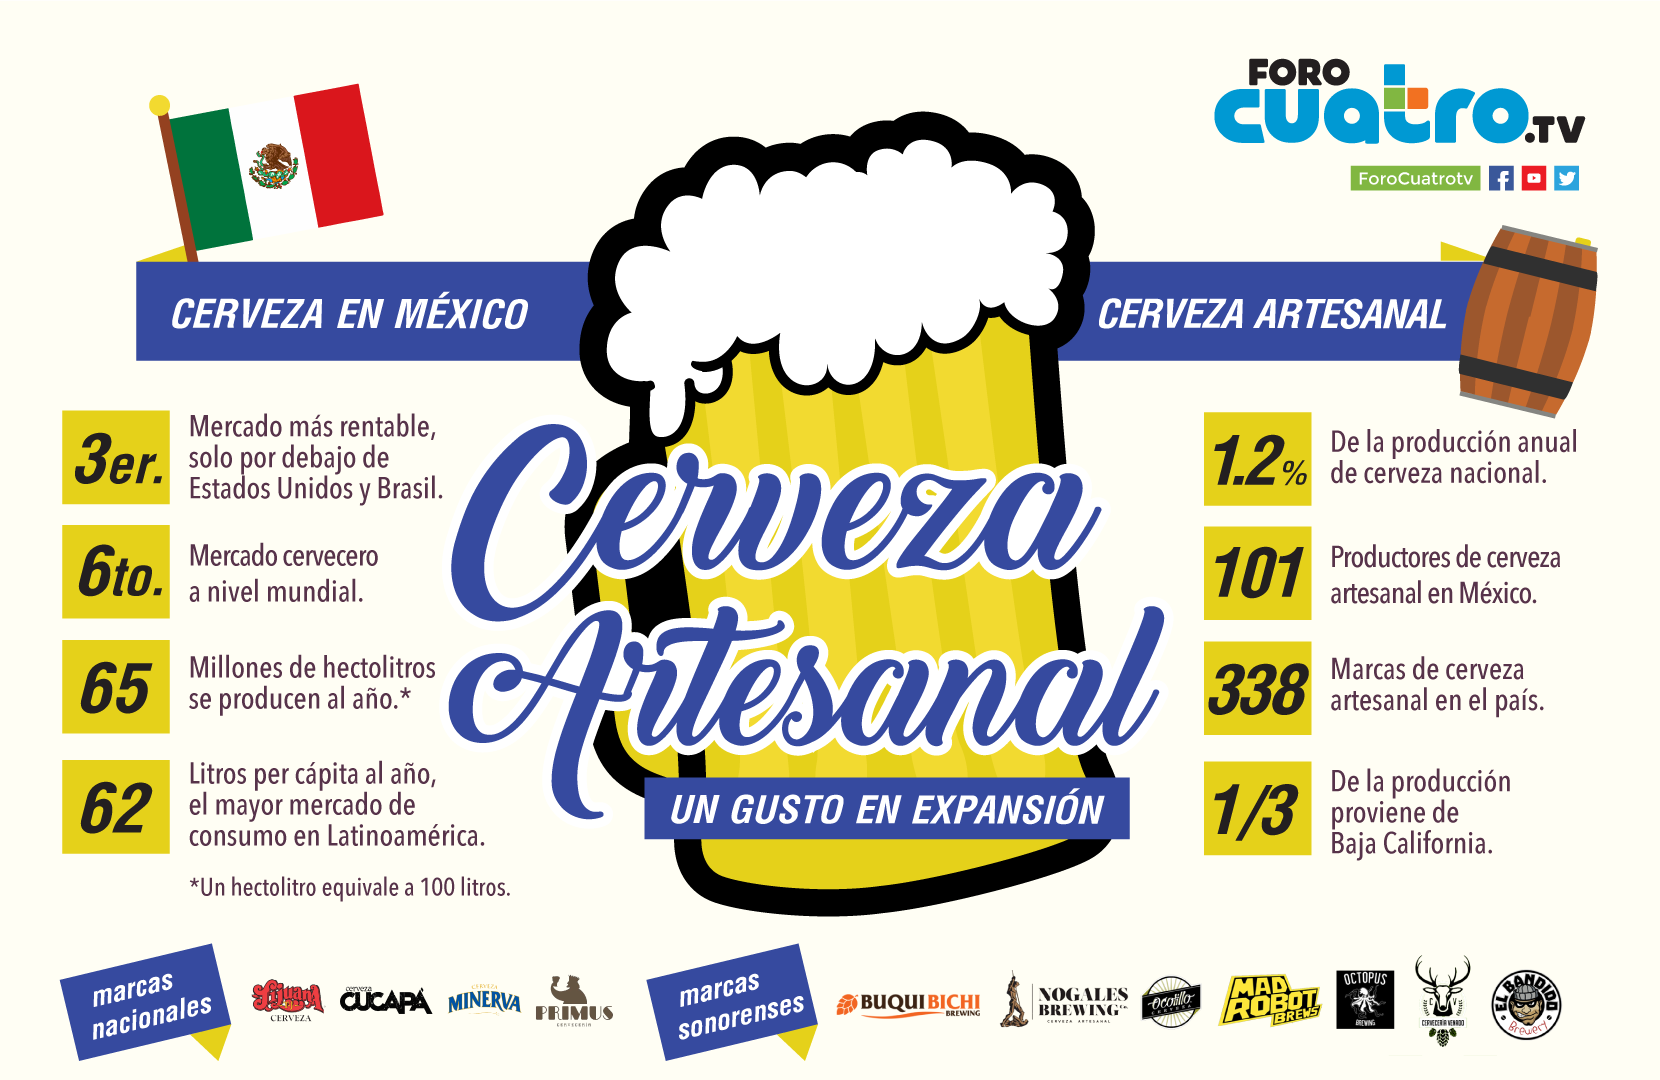 infografia-cerveza-artesanal